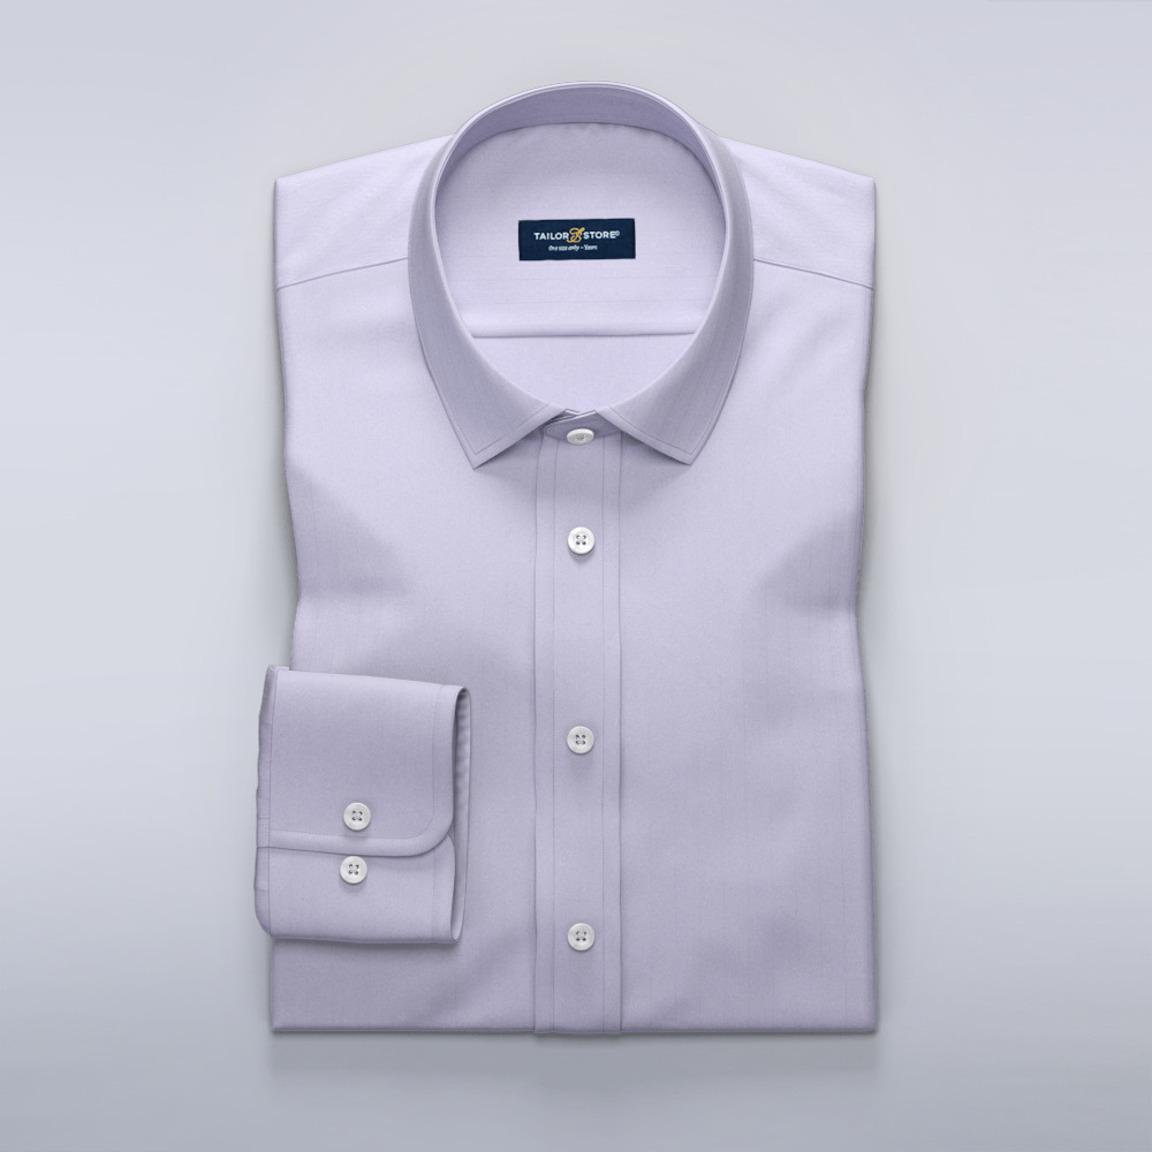 Women's business shirt in luxurious purple herringbone